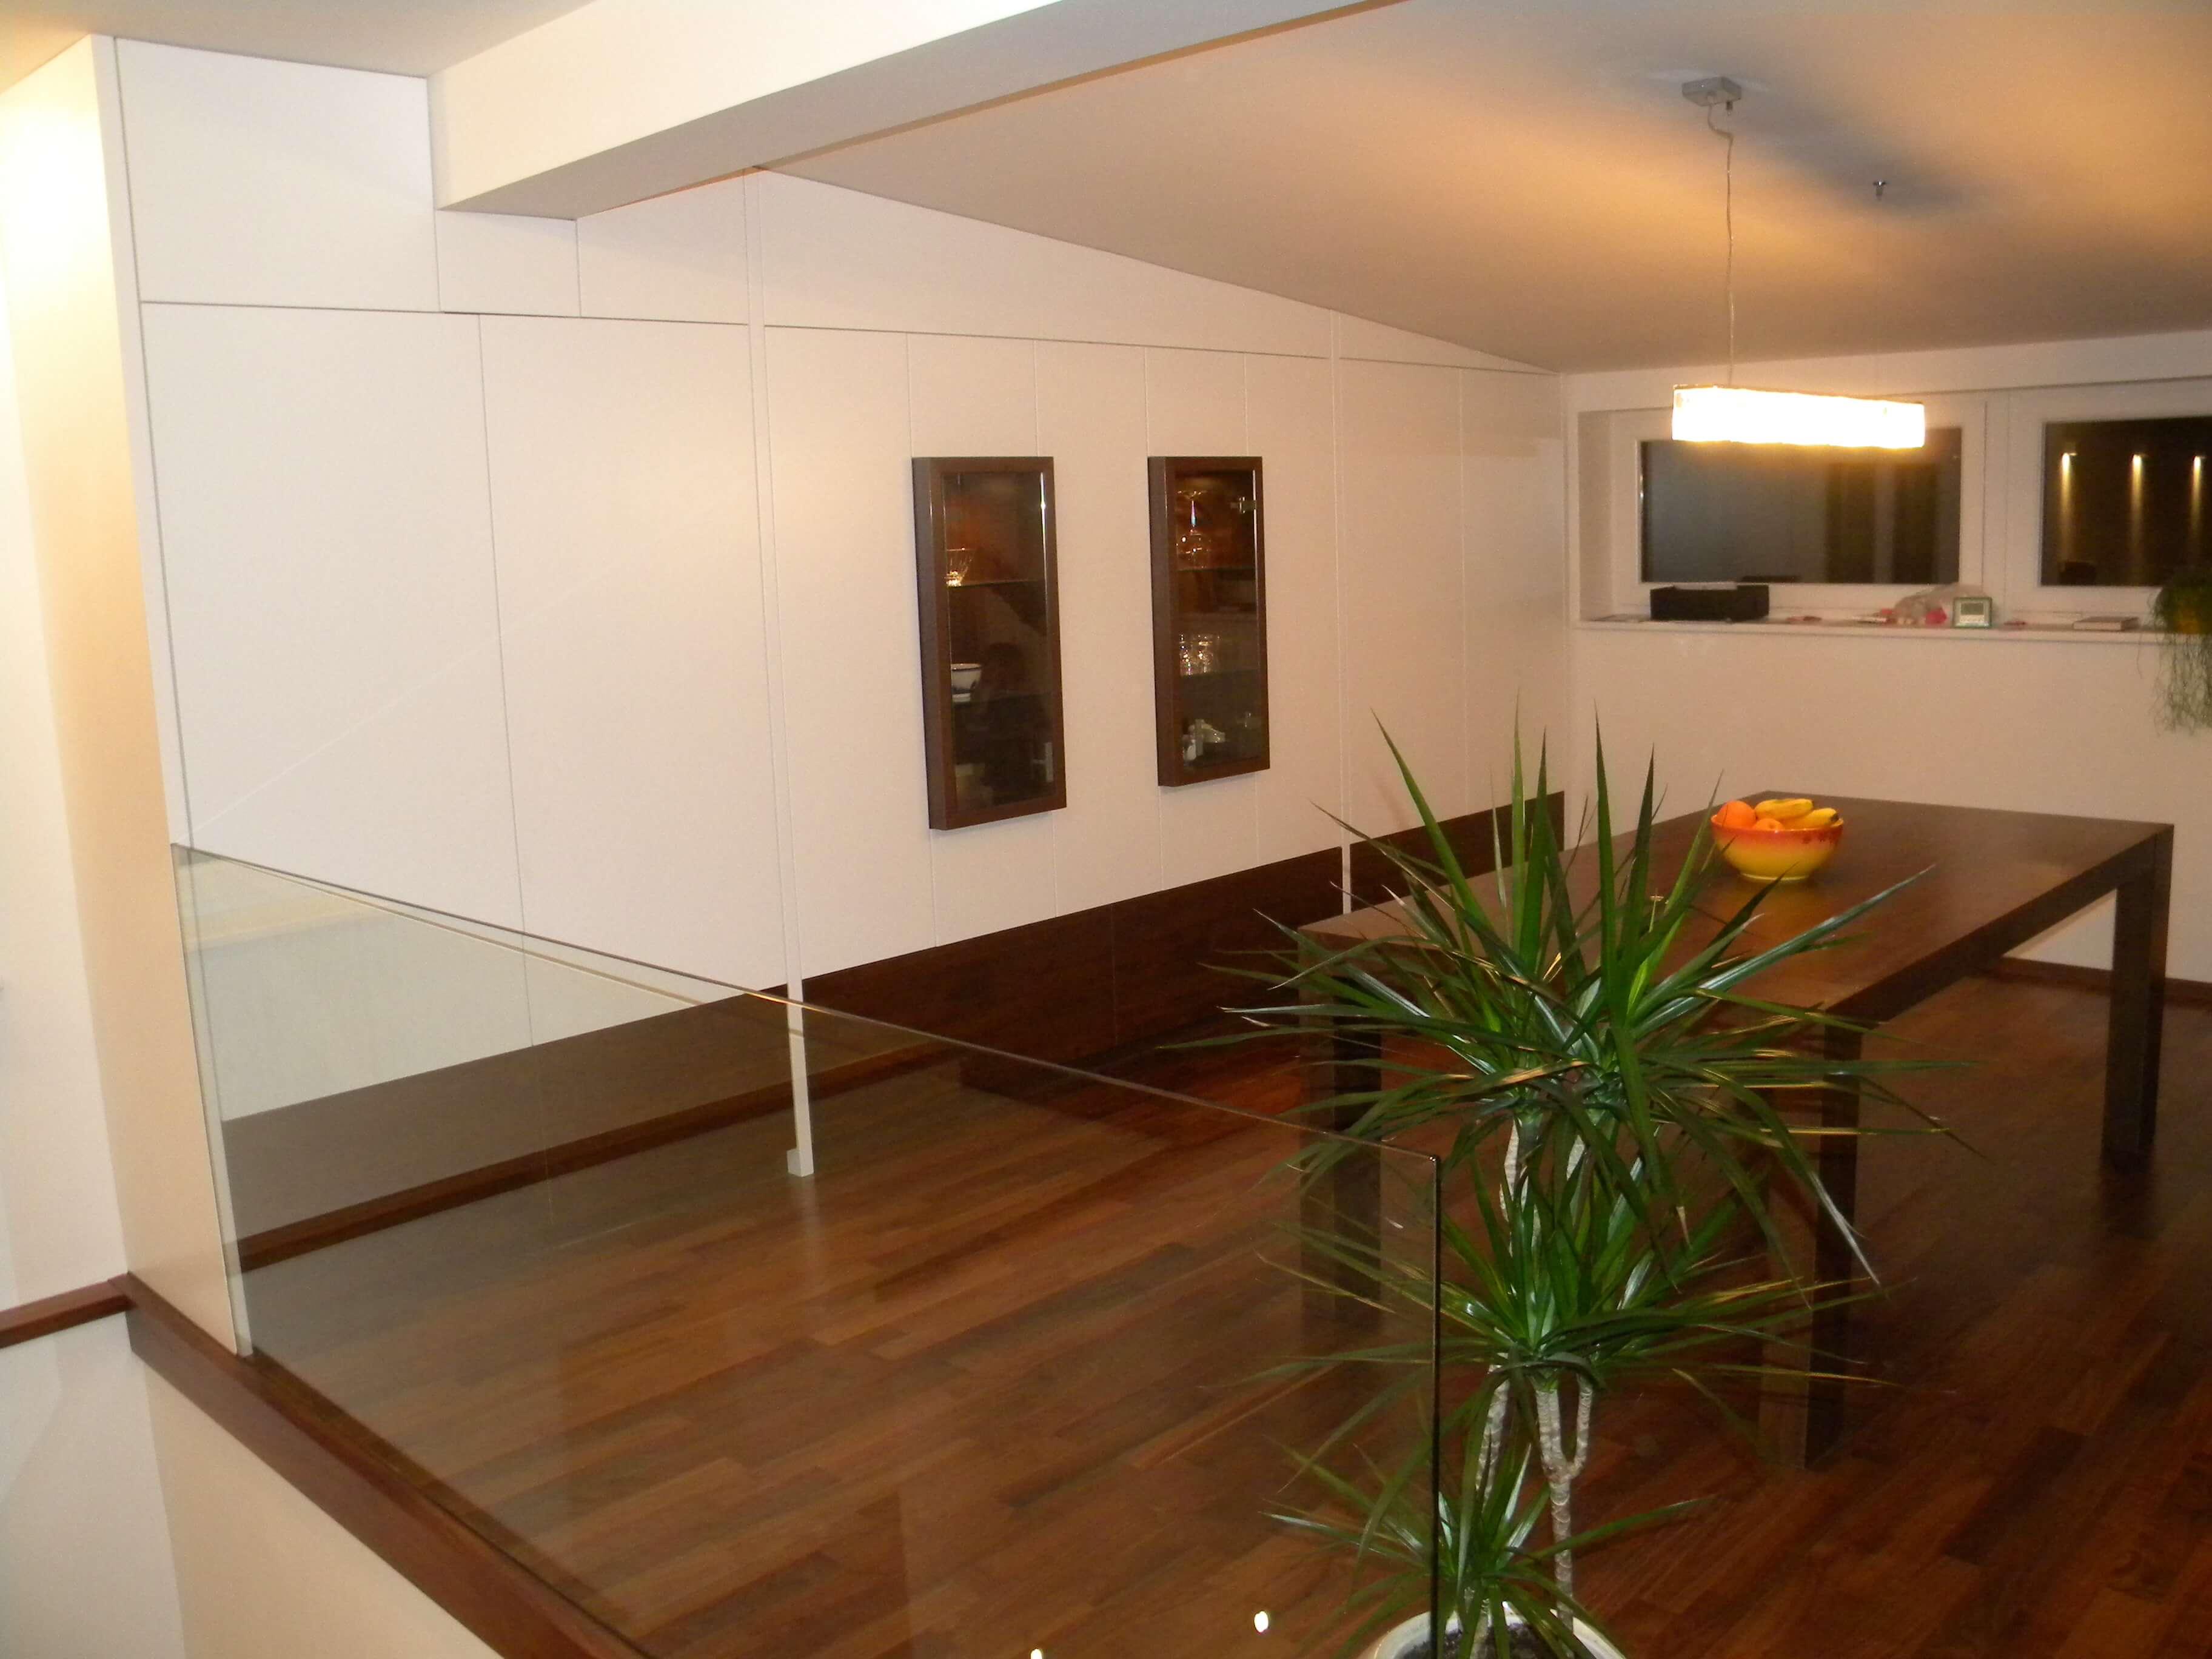 bela vgradna omara jedilnica in dnevna soba po meri